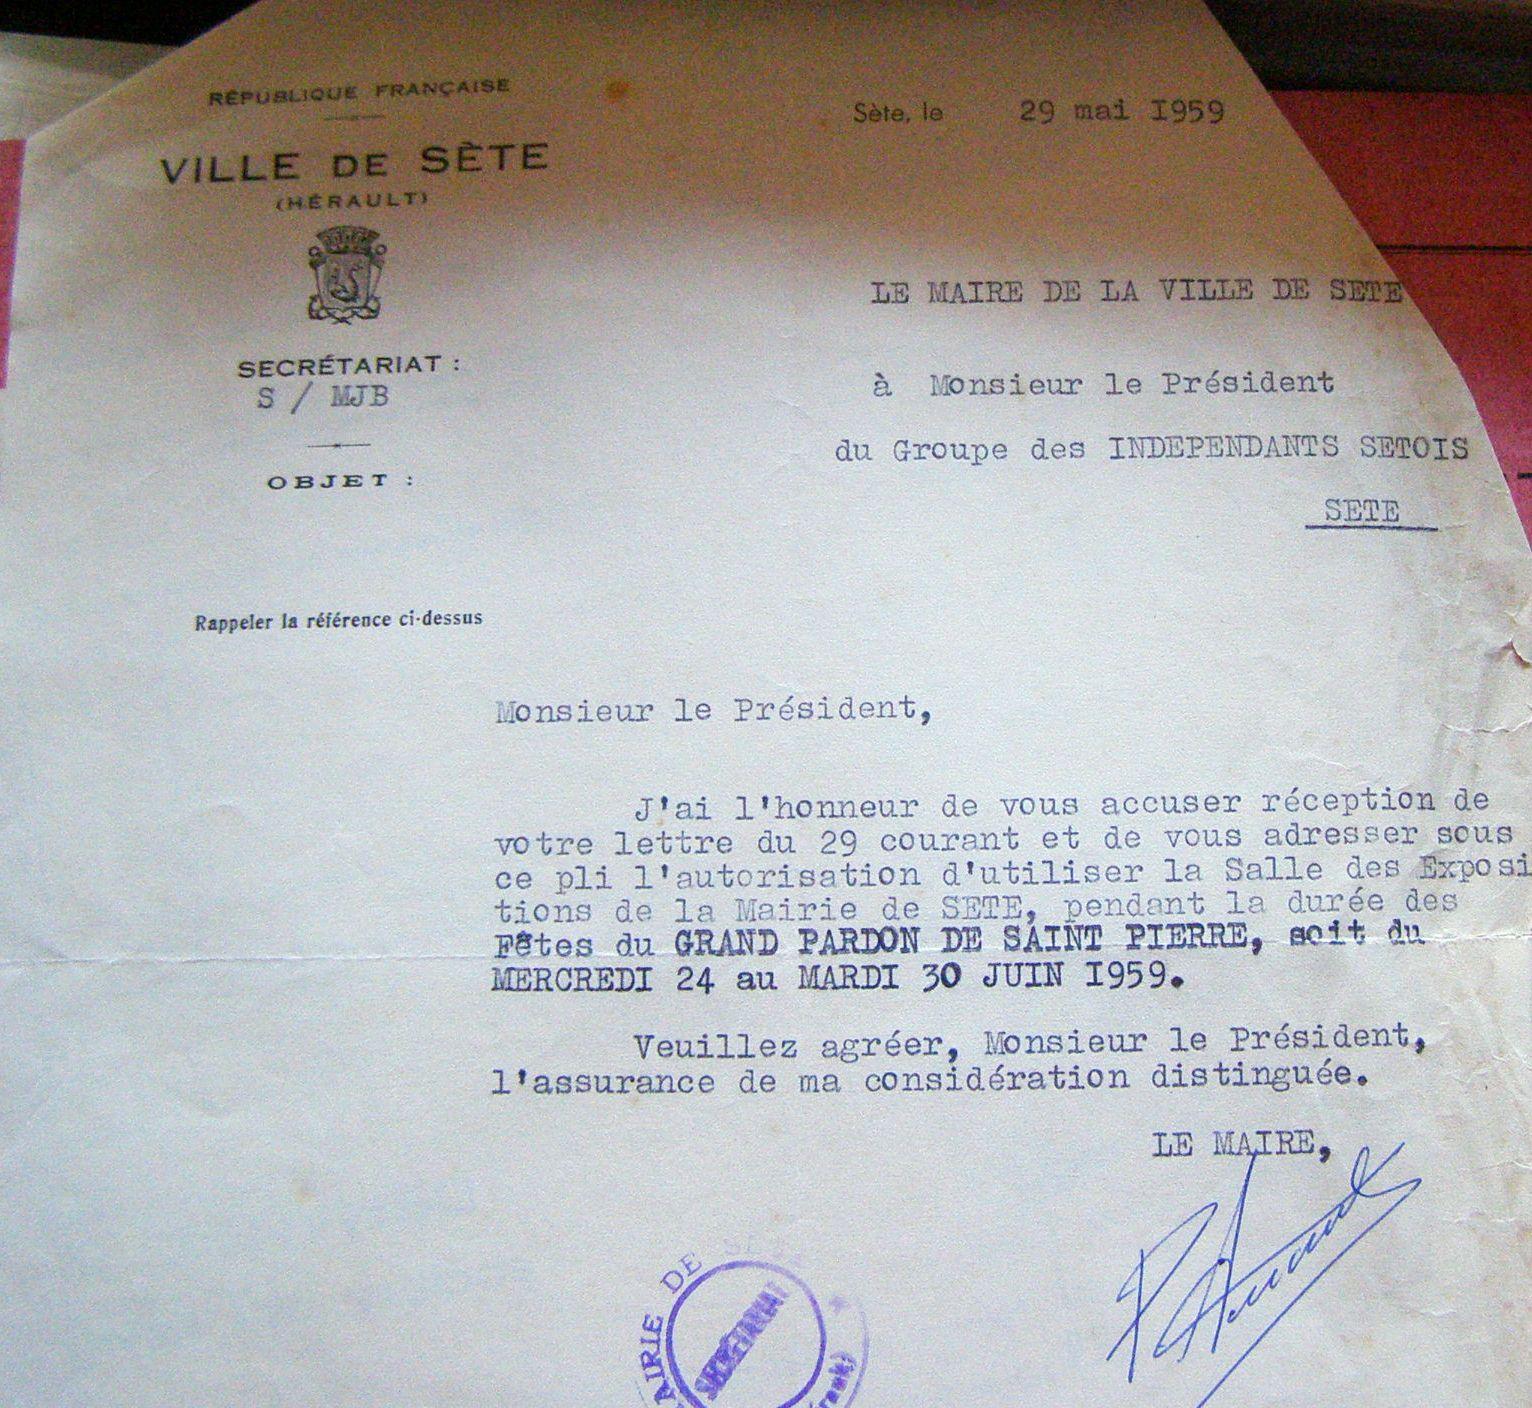 1959 Maire de sète.jpg